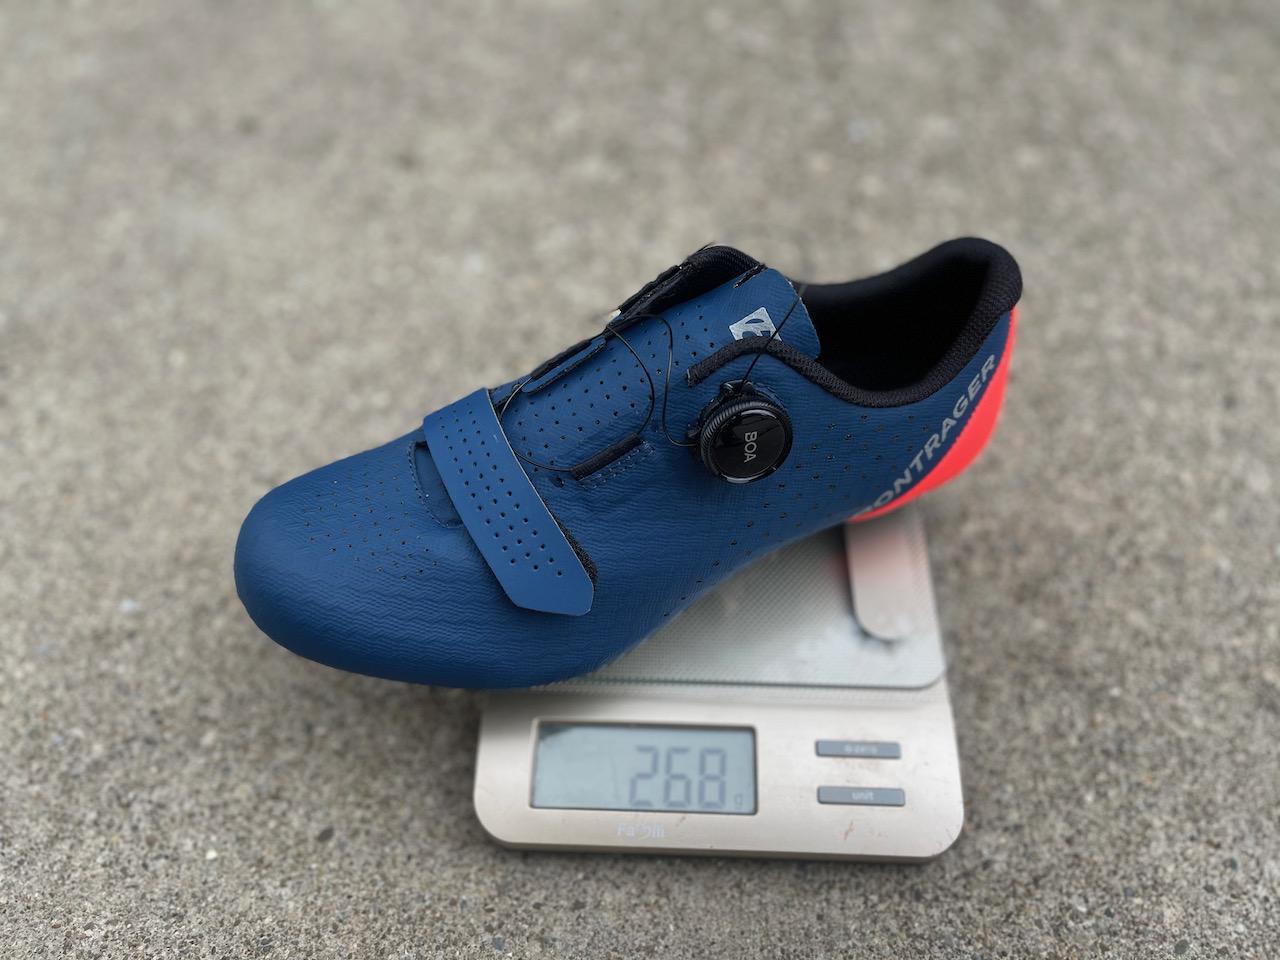 Bontrager Circuit shoe weight